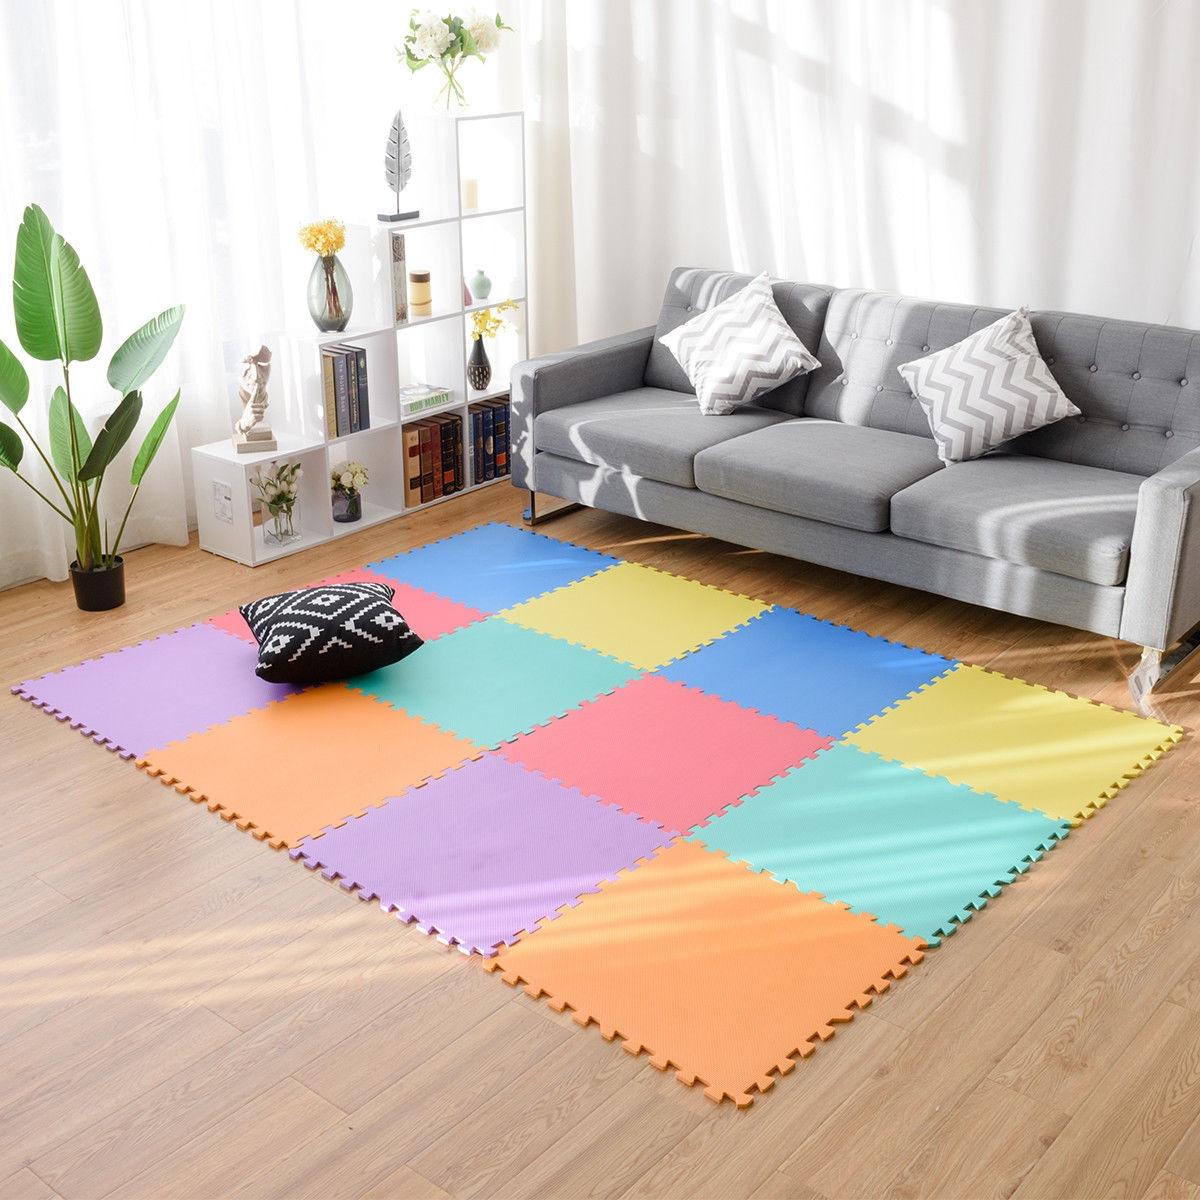 12 pcs Baby Kids Carpet Puzzle Exercise Mat